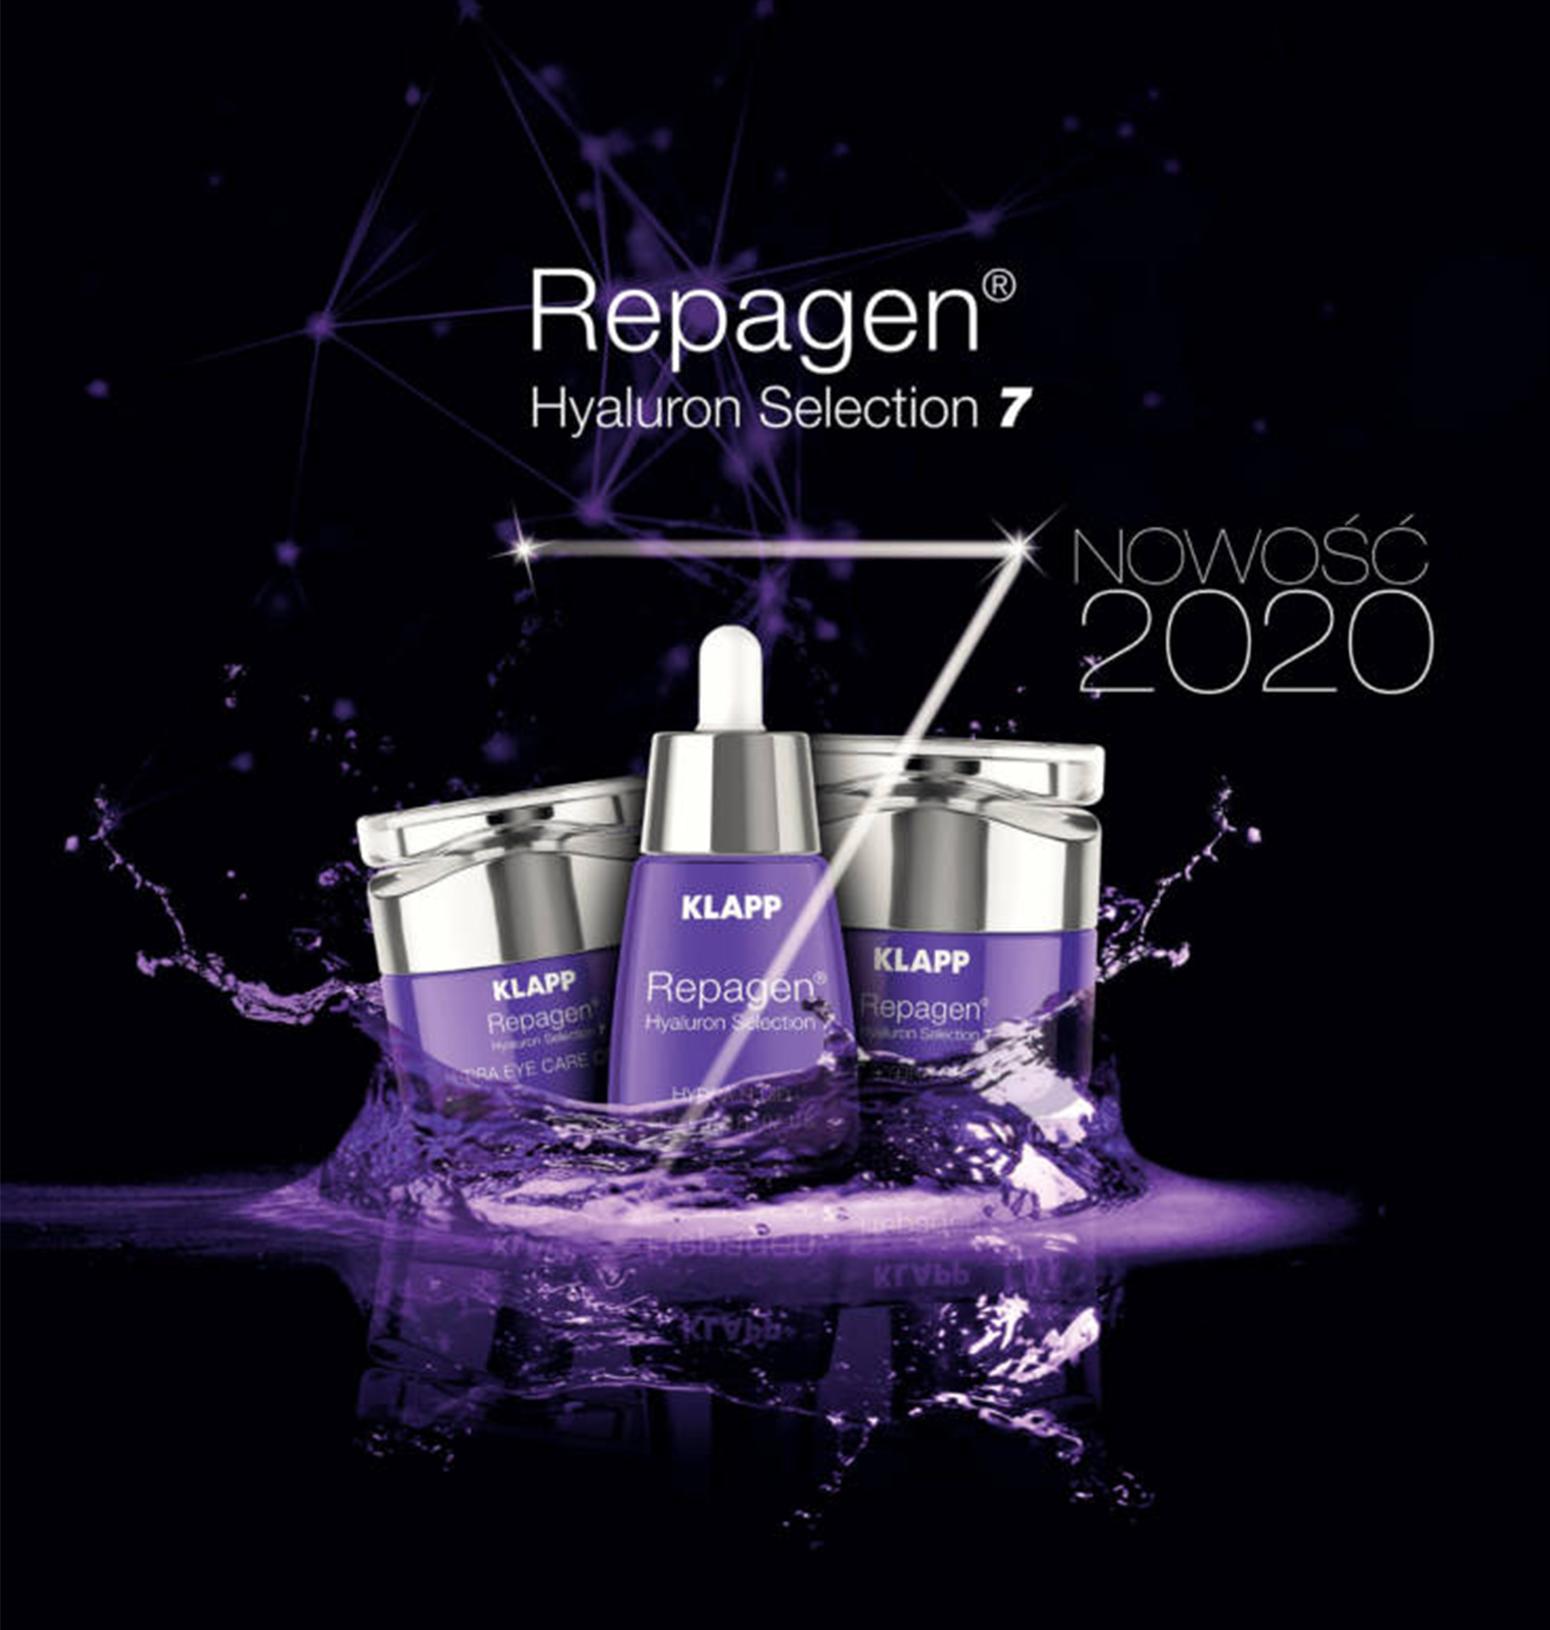 Repagen 7